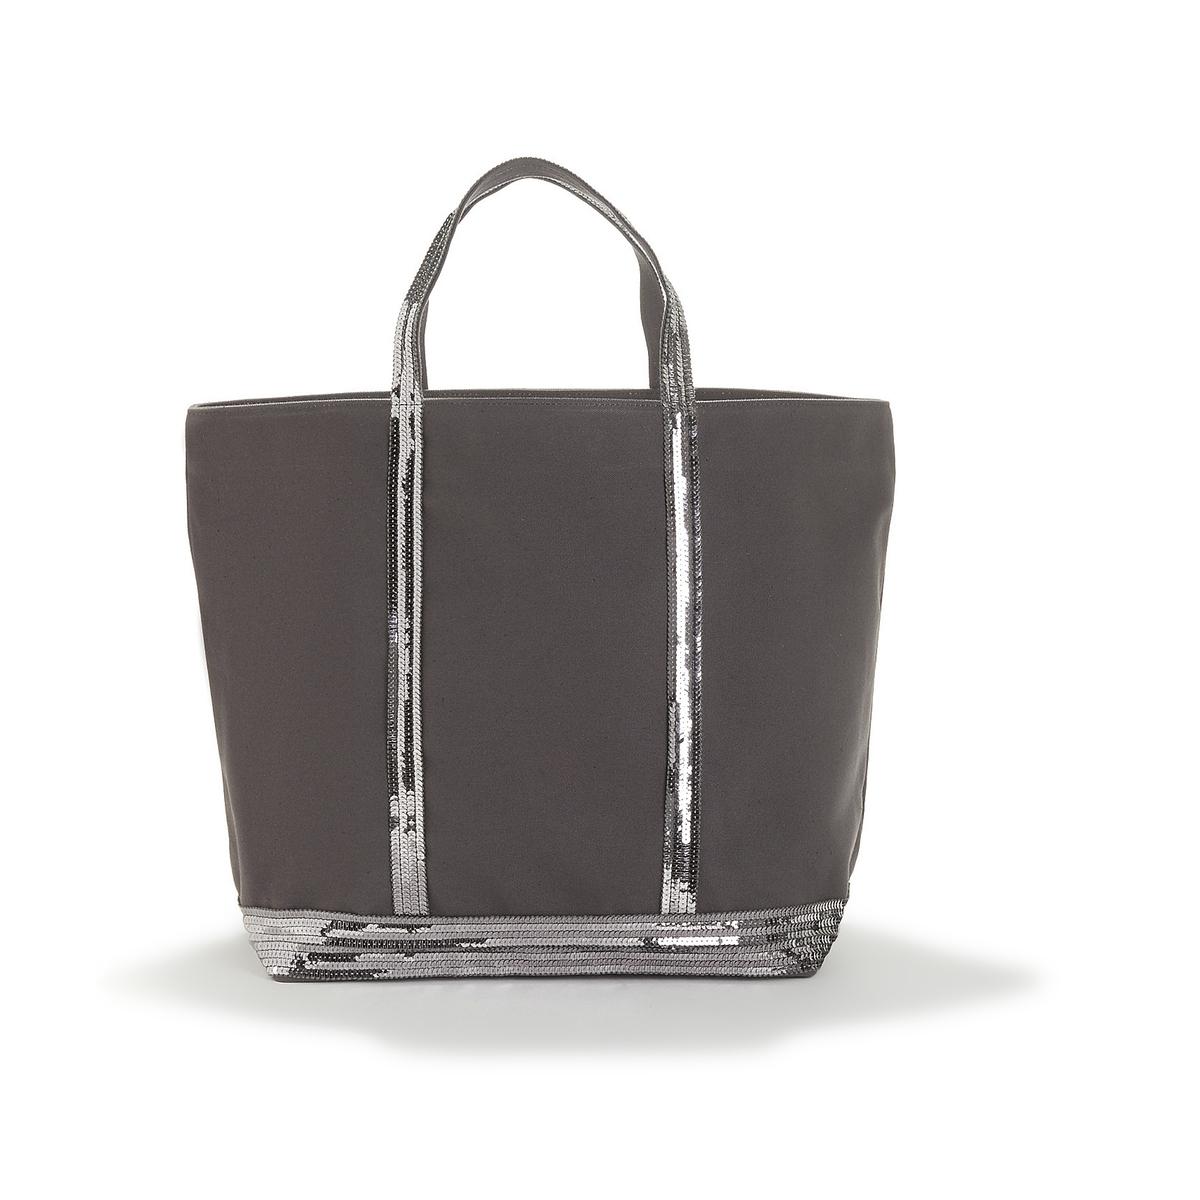 Фото - Сумка-шоппер La Redoute Большого размера из ткани с блестками единый размер серый сумка шоппер средняя из парусины с блестками